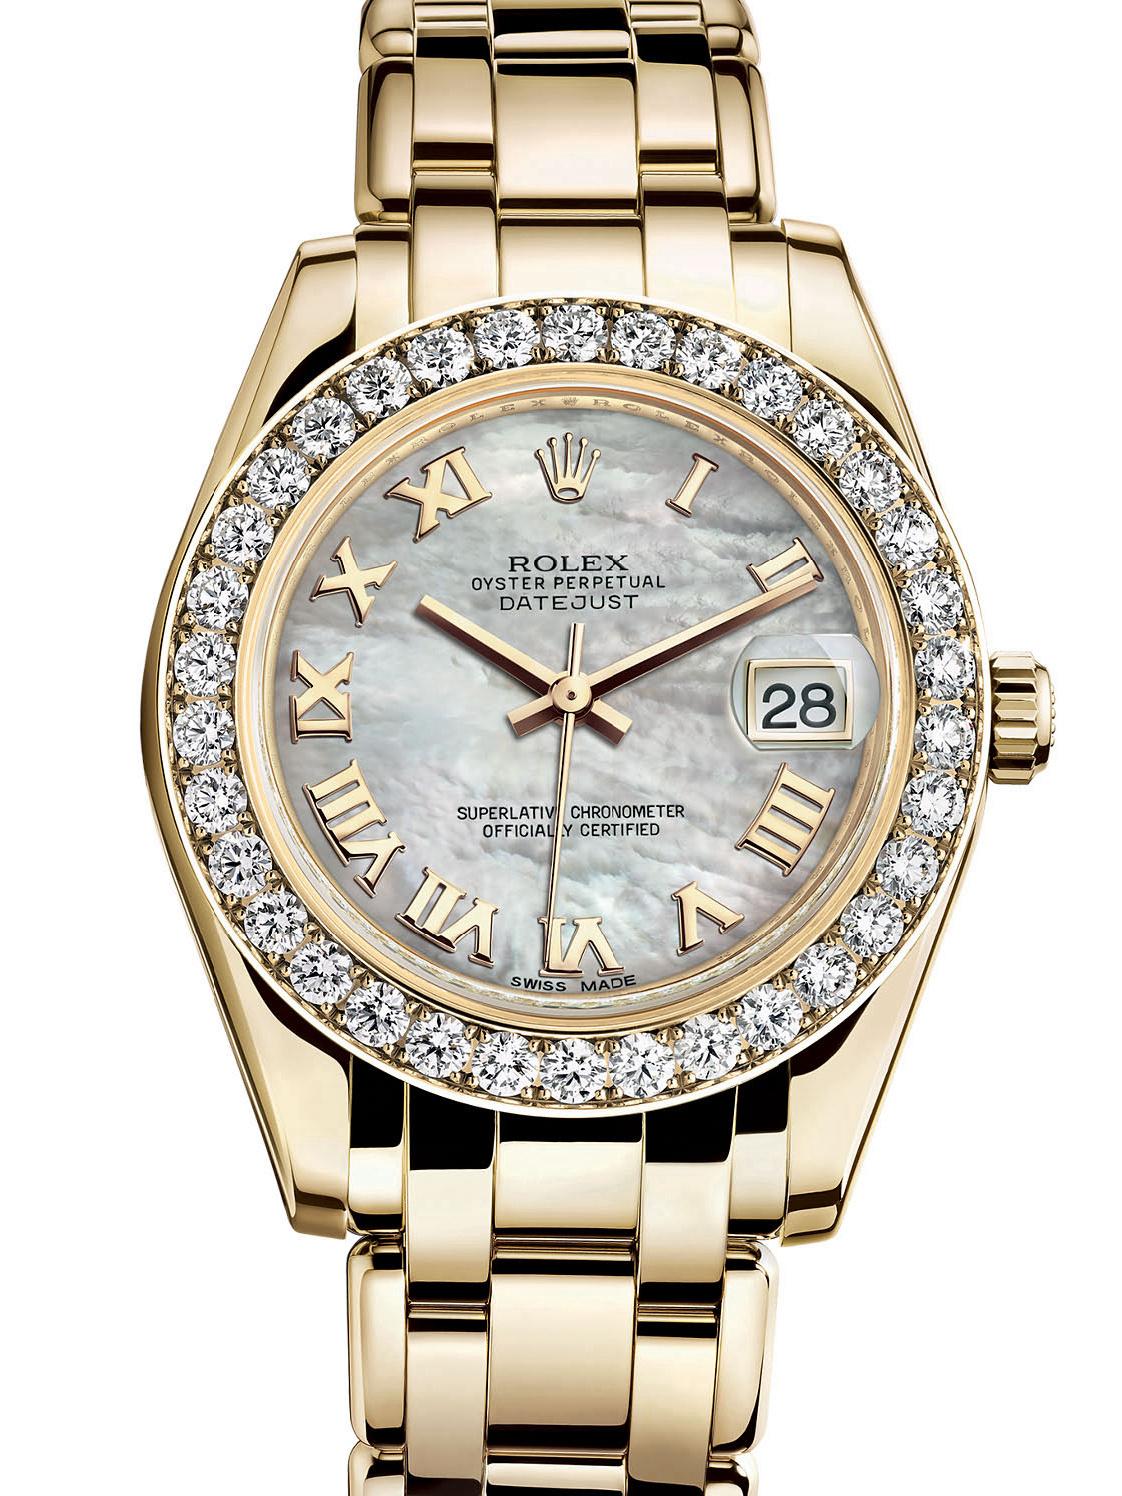 劳力士珍珠淑女型34黄金钻圈白面女表81298-0004